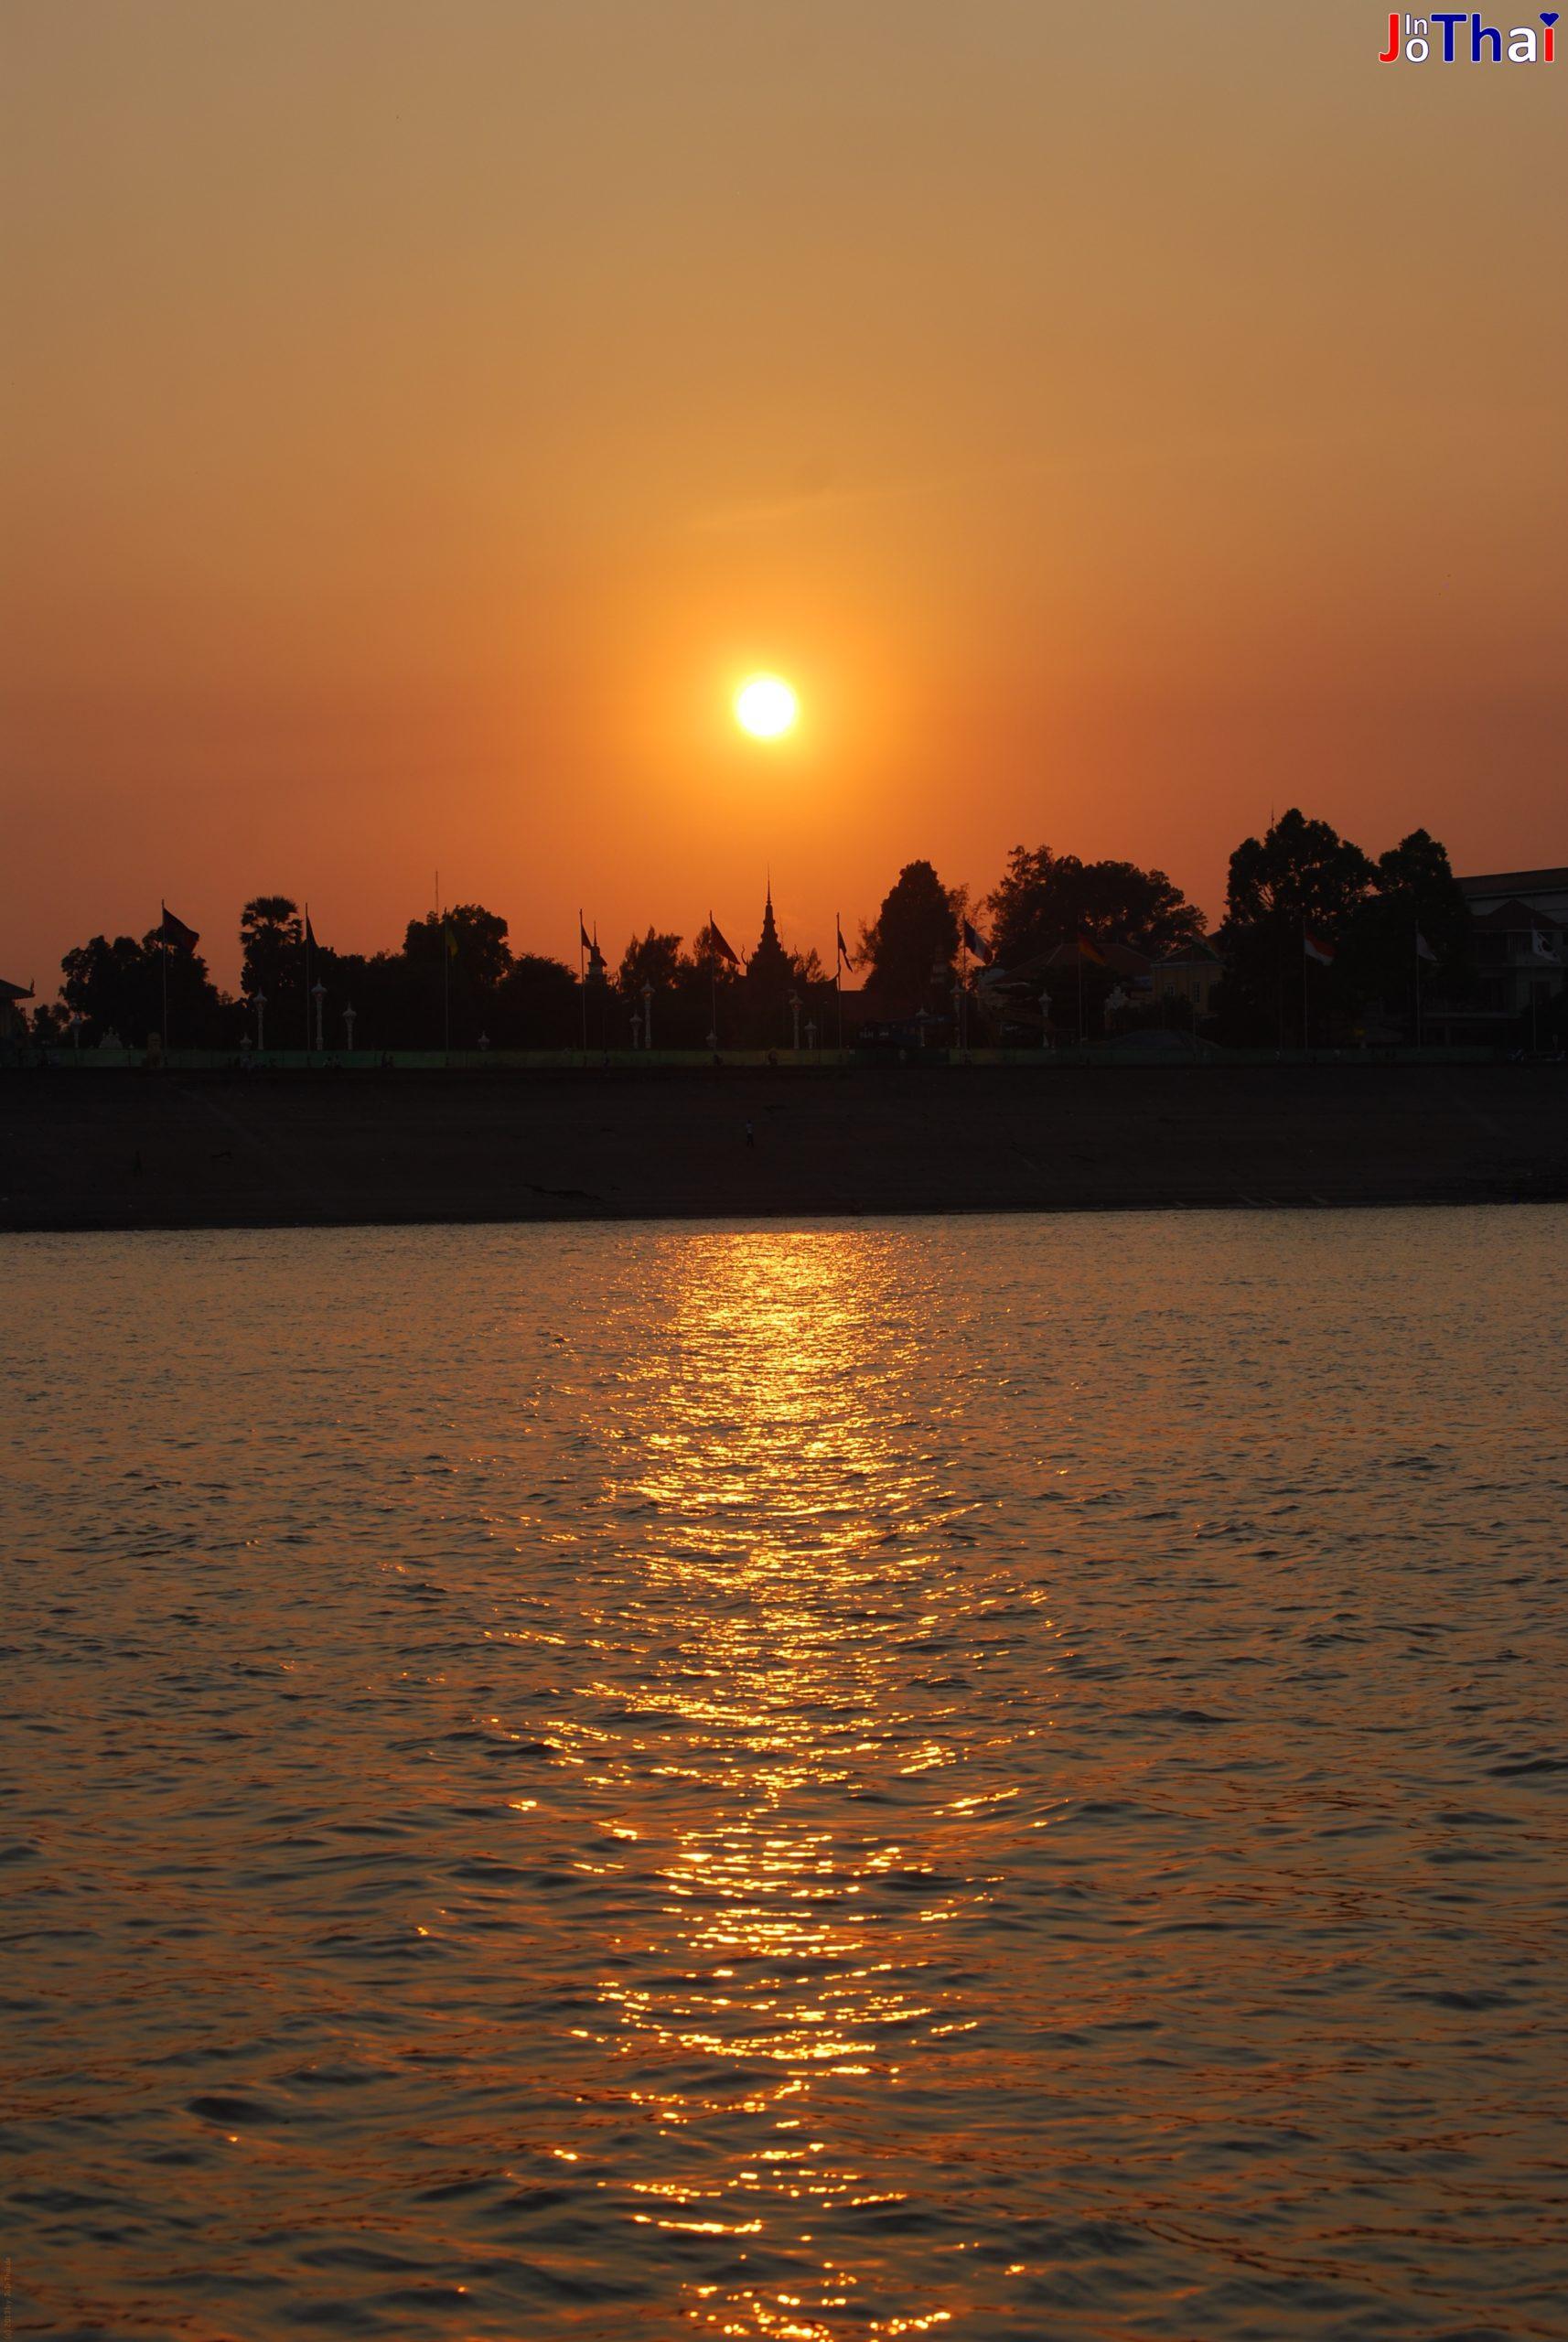 Sonnenuntergang in Phnom Penh vom Tonle Sap aus aufgenommen - Cambodia